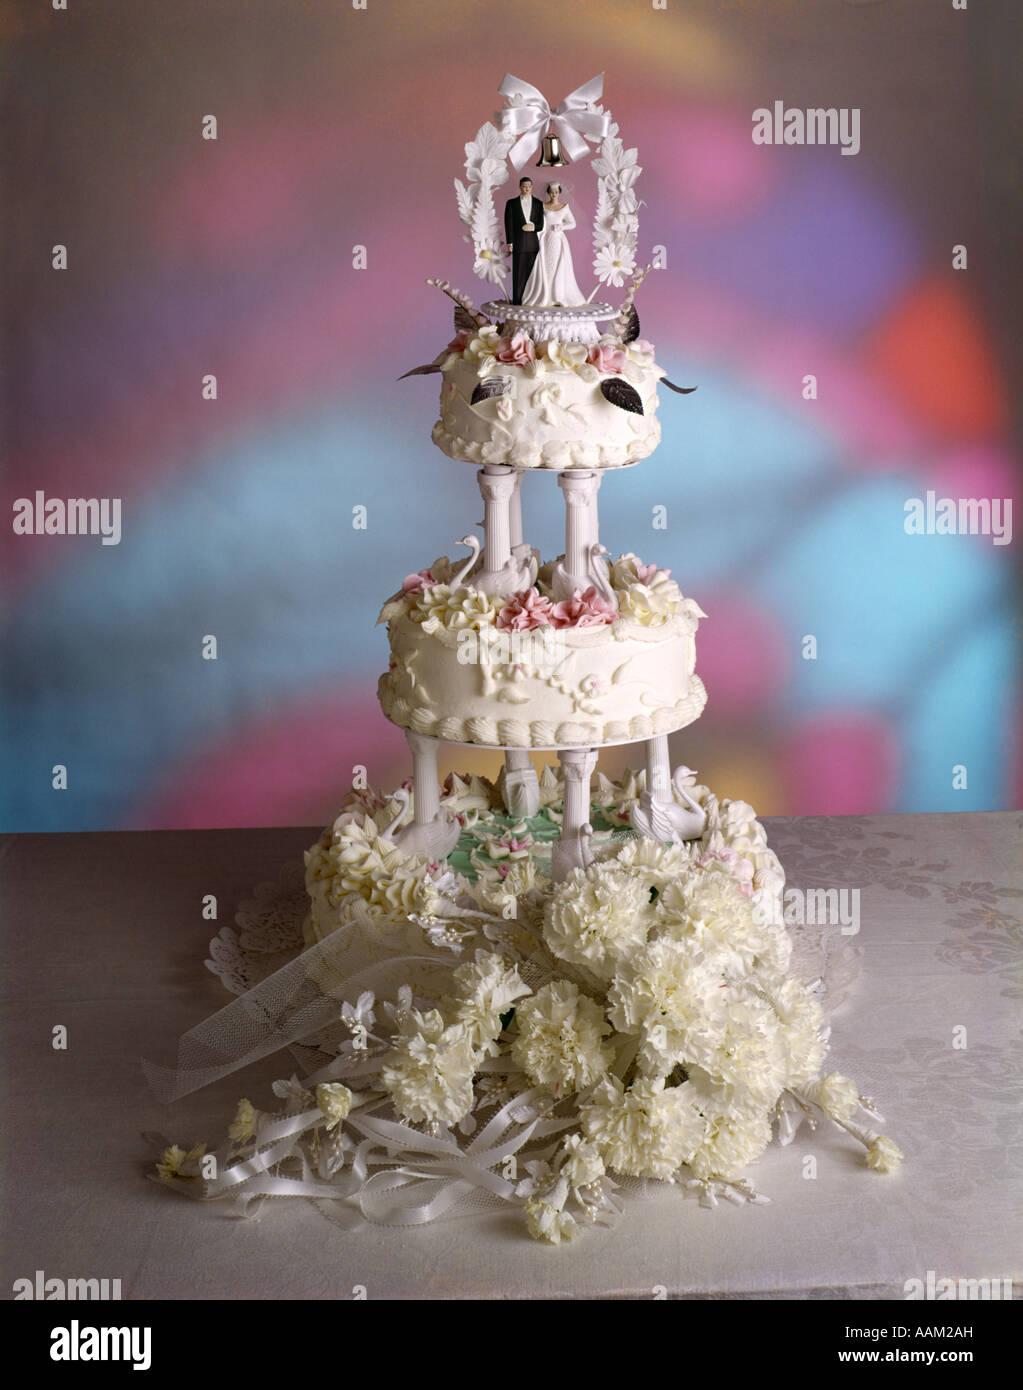 Niveaux 3 Gâteau De Mariage Décoré De Fleurs De Givrage